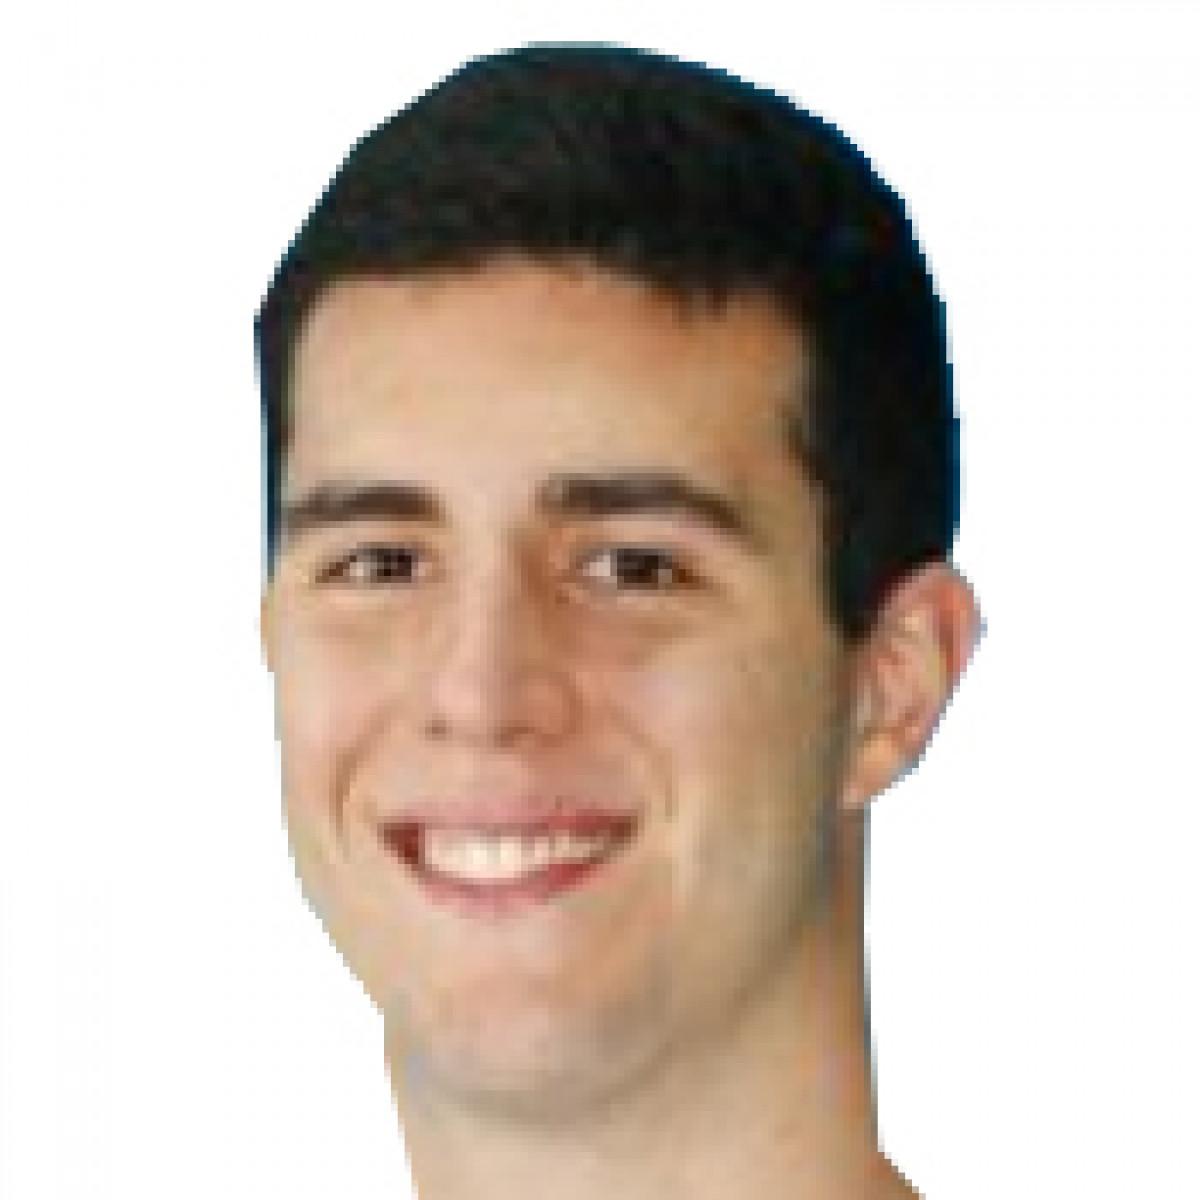 Dario Boccasavia